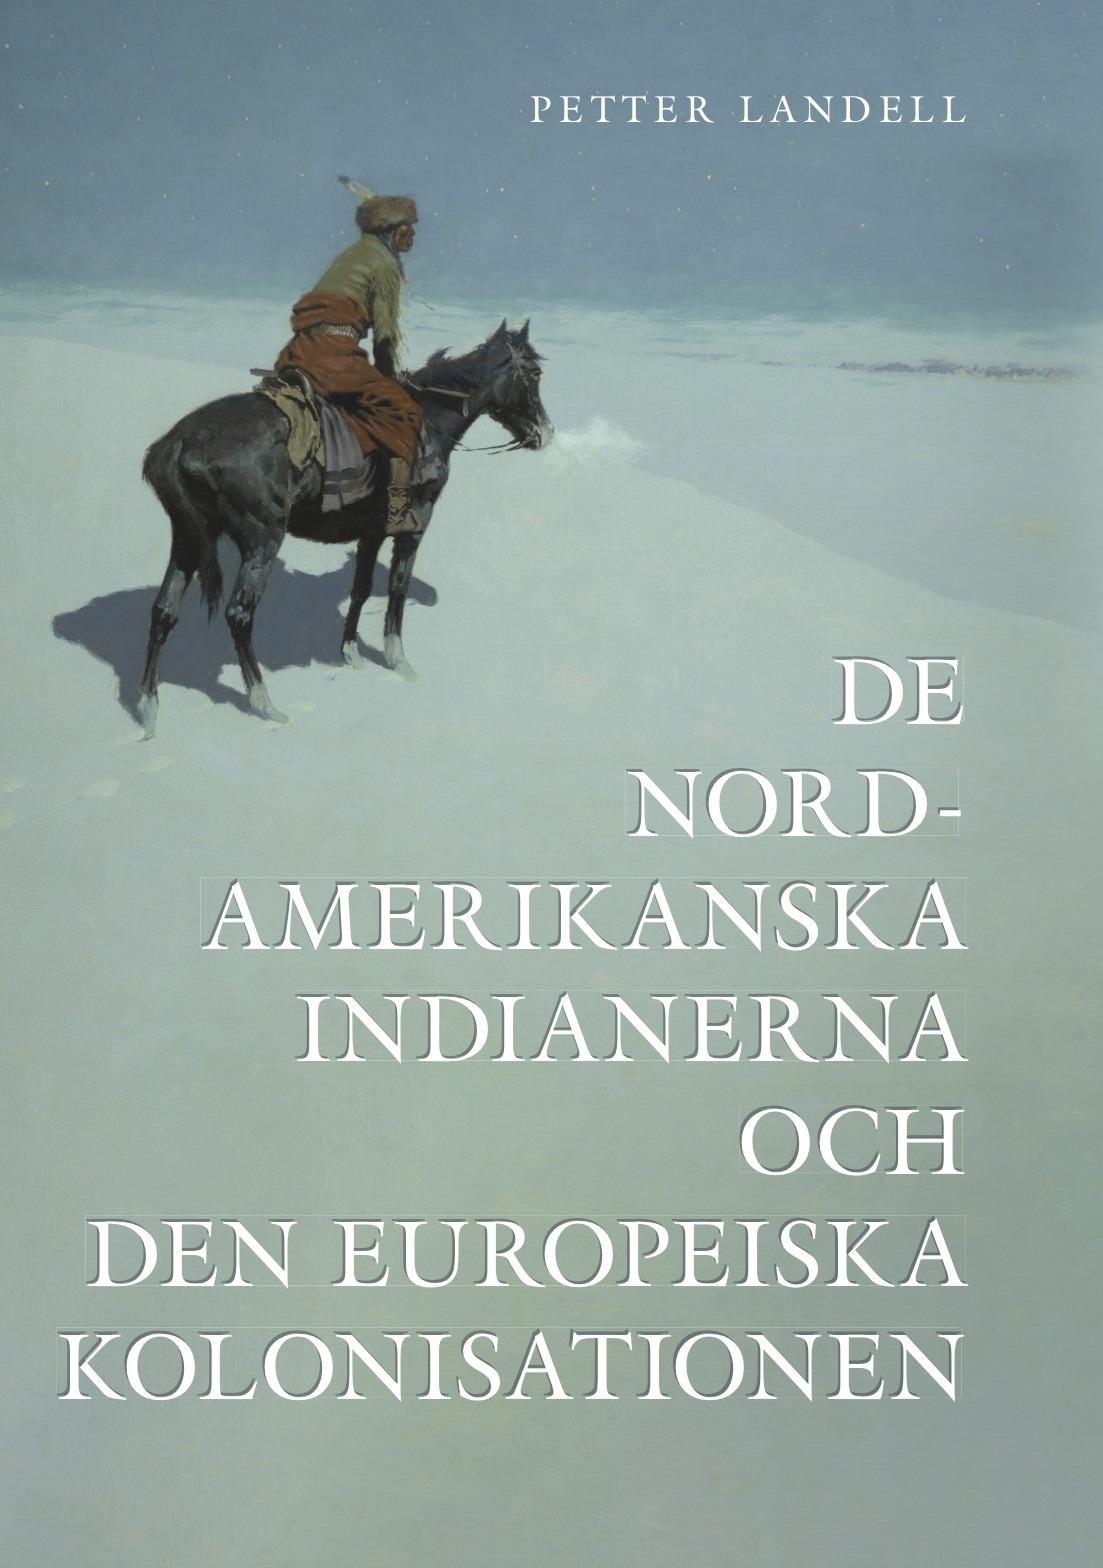 De nordamerikanska indianerna och den europeiska kolonisationen av Petter Landell